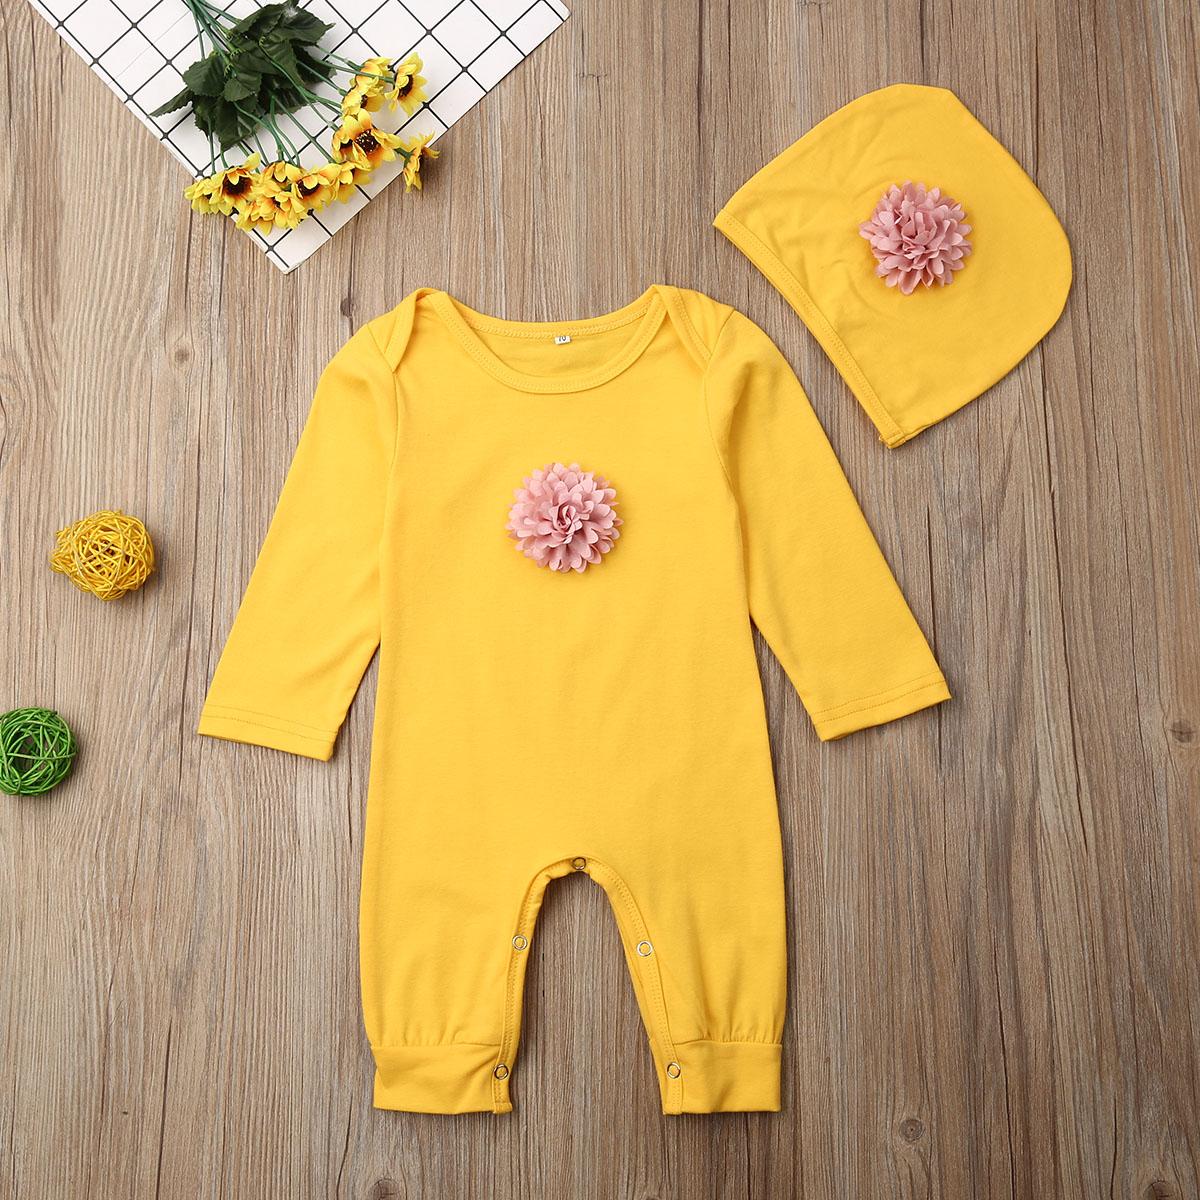 2PCS Newborn Baby Girl 3D Flower Romper Bodysuit Jumpsuit Hat Outfit Clothes